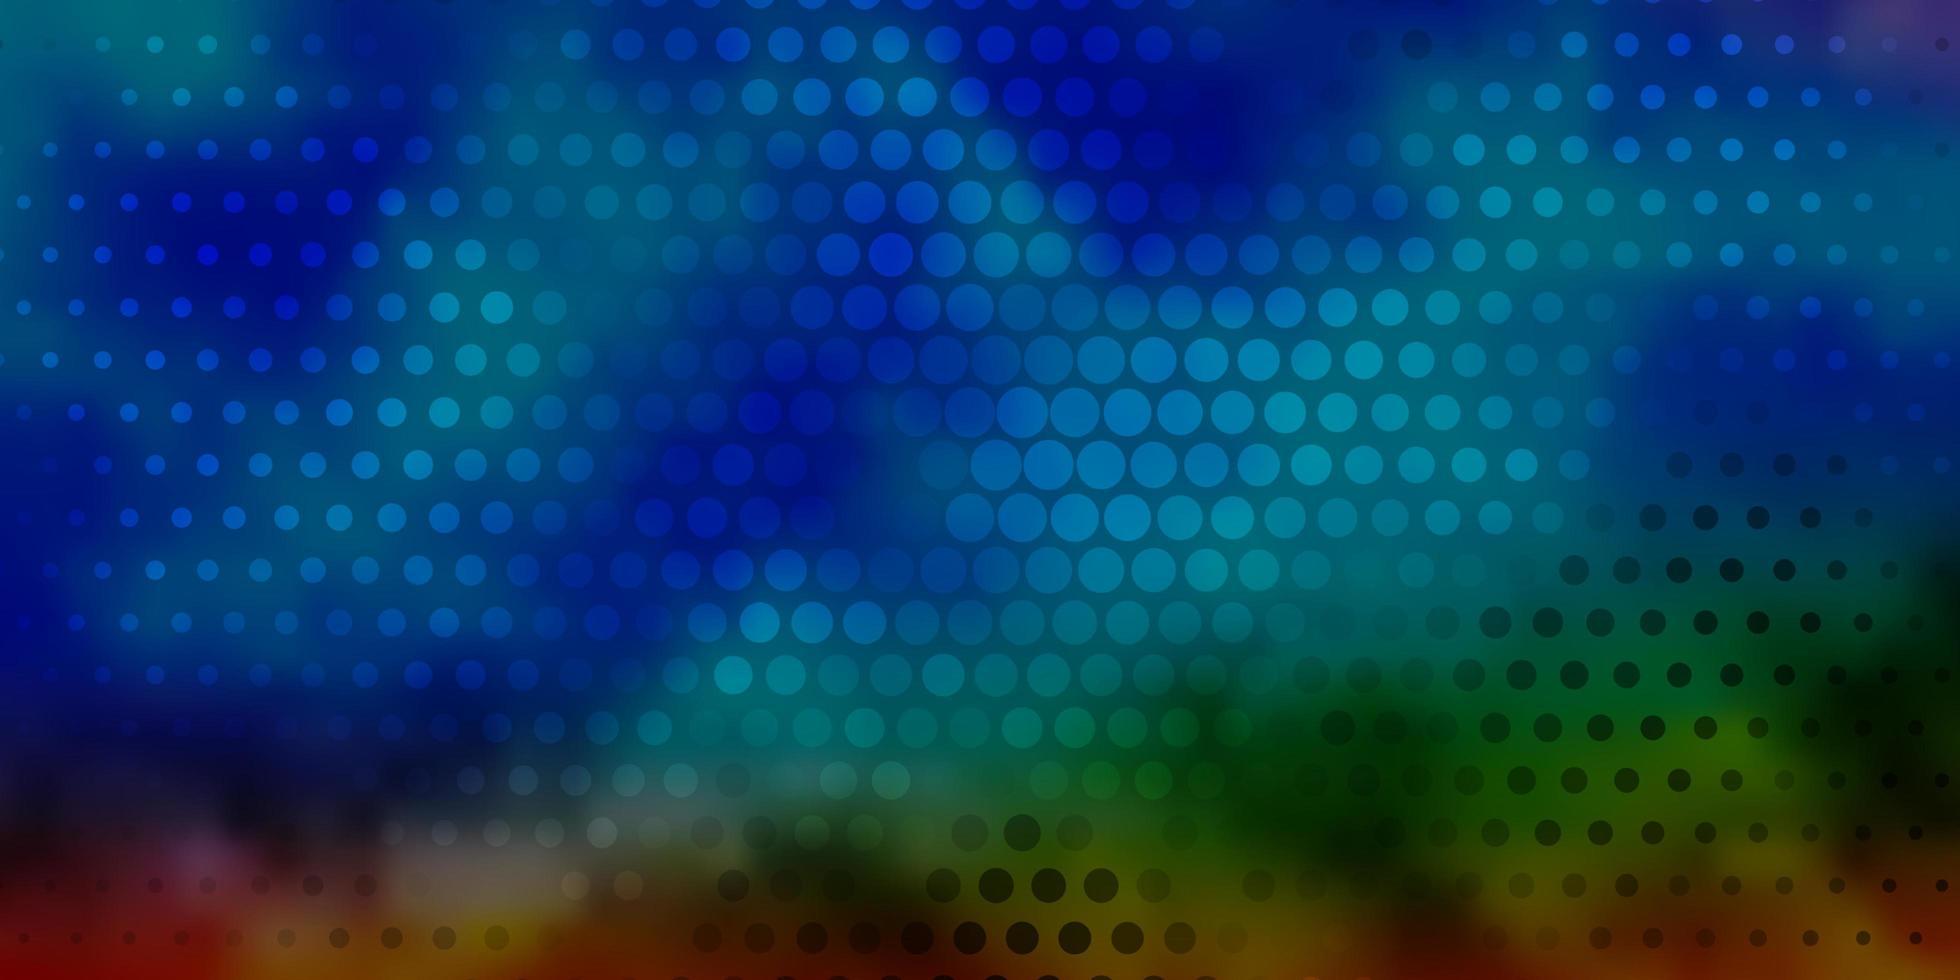 modèle de vecteur multicolore foncé avec des cercles.